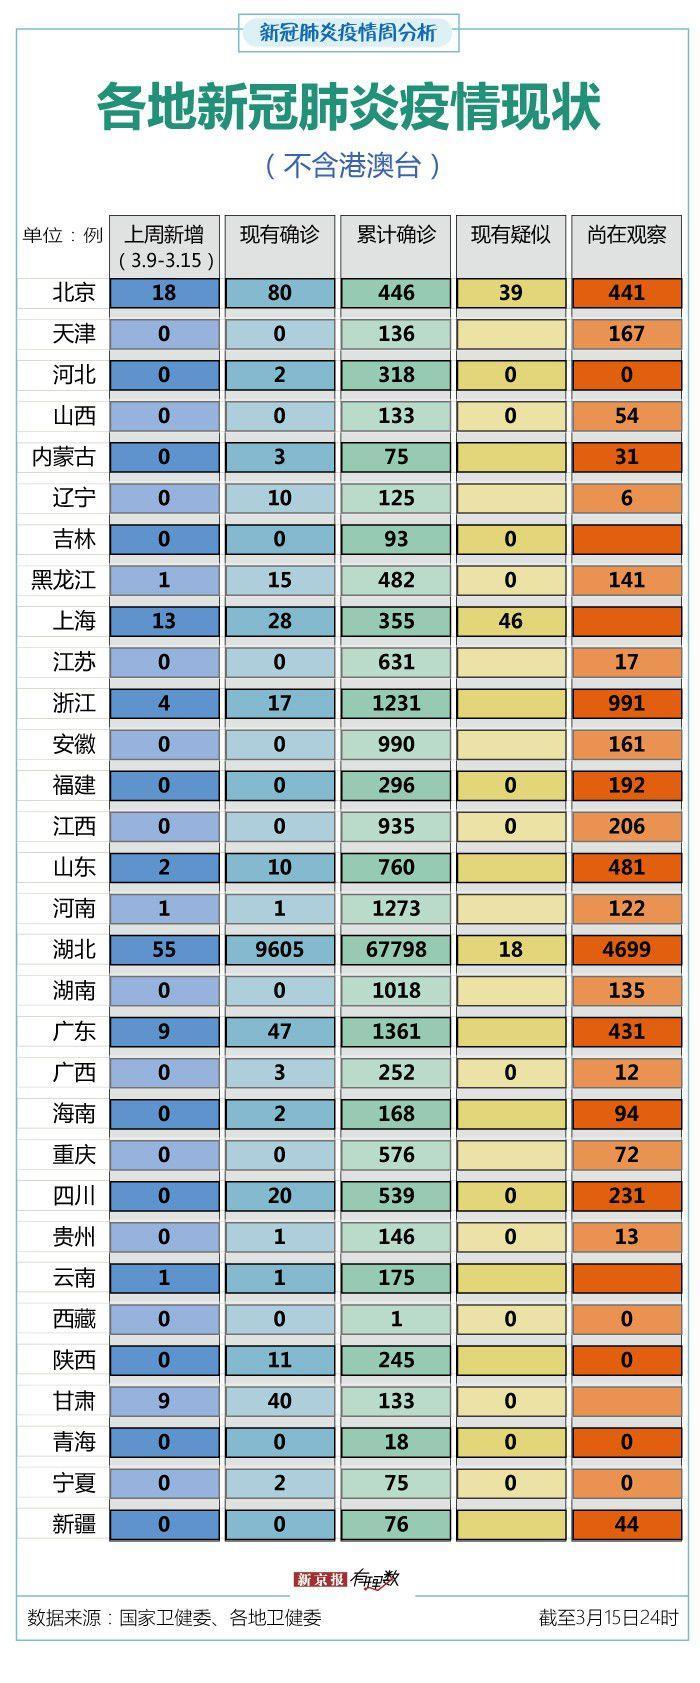 """1省市上周无新增确诊,受境外输入影响京沪新增较多"""""""